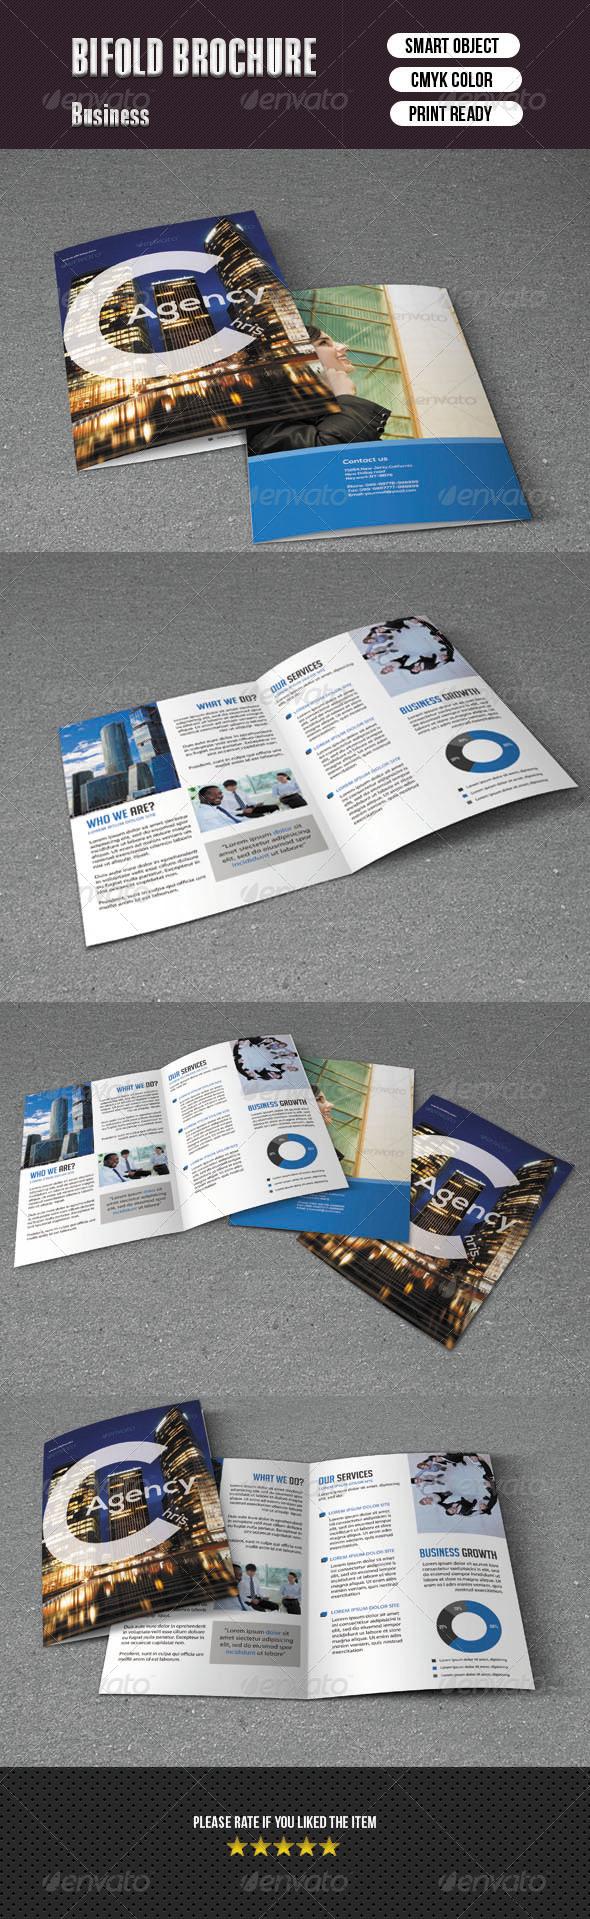 Bifold Brochure For Business - Corporate Brochures